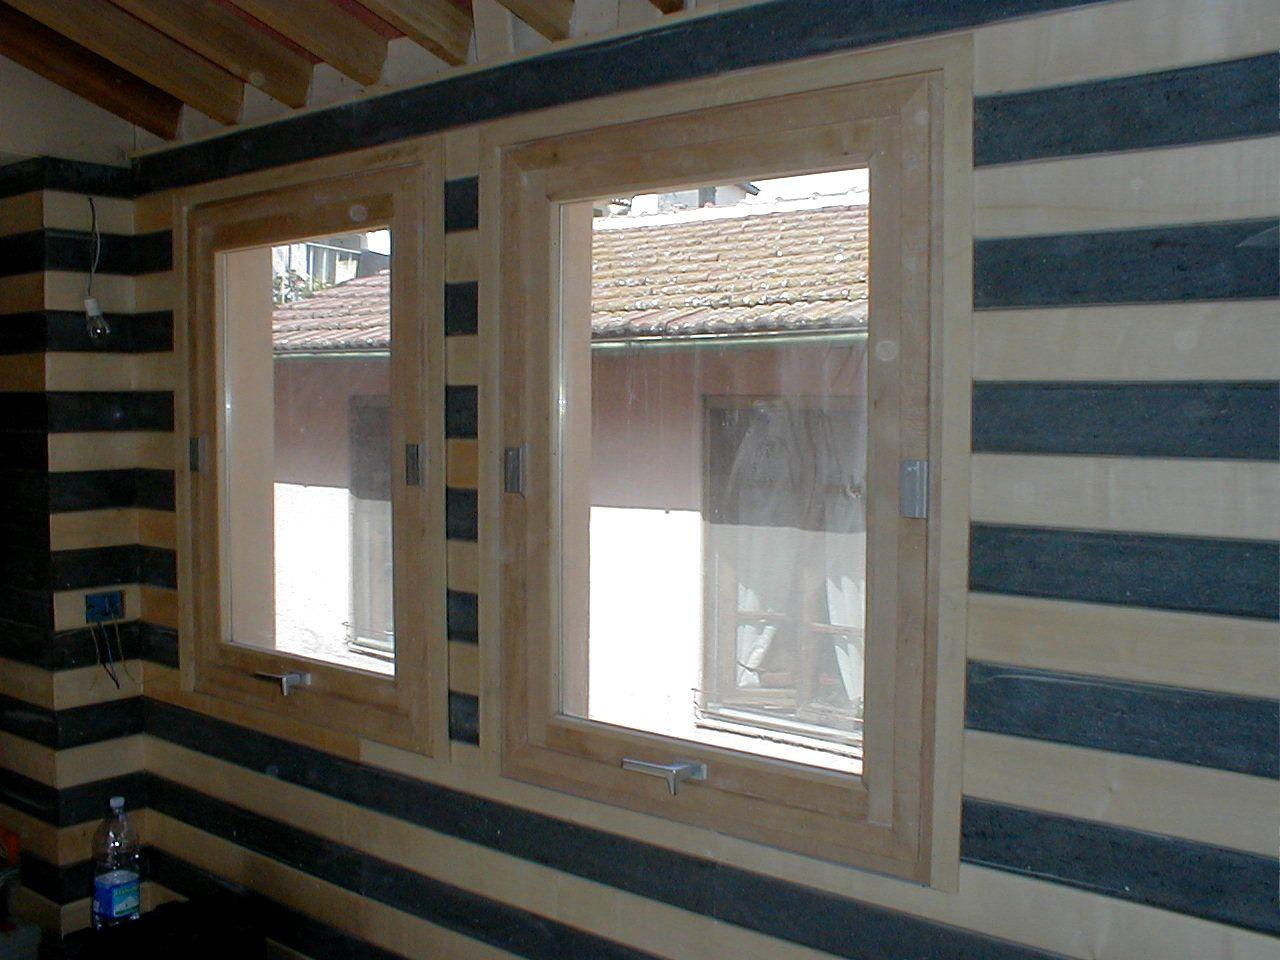 Cucina Con Finestra Orizzontale finestre in legno di acero a bilico orizzontale (con